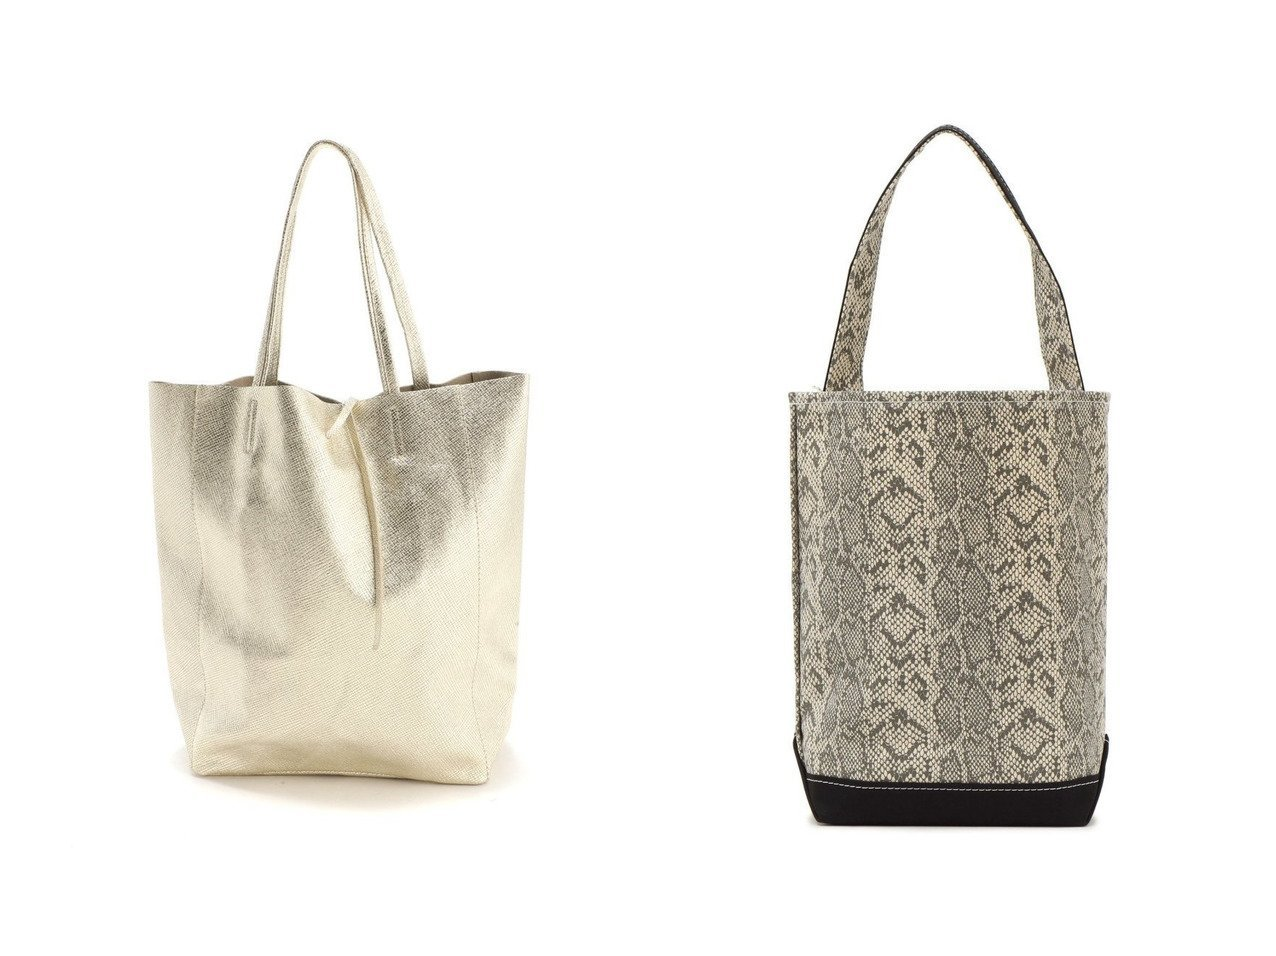 【SHIPS/シップス フォー ウィメン】のTEMBEA:バゲットトート&【MARLON FIRENZE/マーロンフィレンツェ】のSHOPPER IGUANA LAMINATO:バッグ バッグ・鞄のおすすめ!人気、トレンド・レディースファッションの通販  おすすめで人気の流行・トレンド、ファッションの通販商品 メンズファッション・キッズファッション・インテリア・家具・レディースファッション・服の通販 founy(ファニー) https://founy.com/ ファッション Fashion レディースファッション WOMEN バッグ Bag 2020年 2020 2020-2021 秋冬 A/W AW Autumn/Winter / FW Fall-Winter 2020-2021 A/W 秋冬 AW Autumn/Winter / FW Fall-Winter アクセサリー イタリア ショルダー パイソン プリント 人気 |ID:crp329100000009917